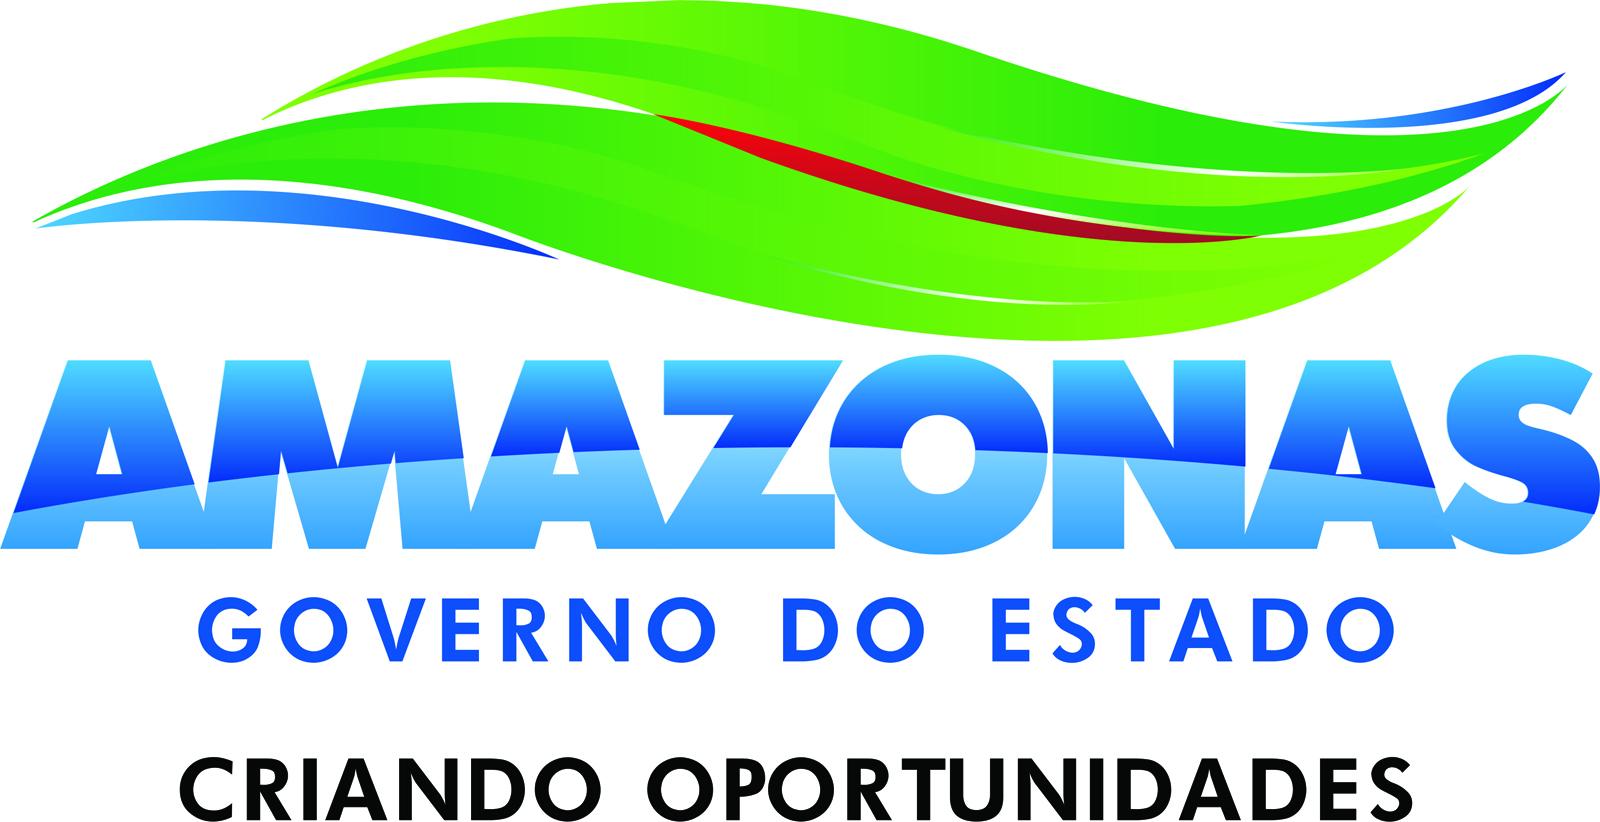 Logo do Governo do Estado do Amazonas